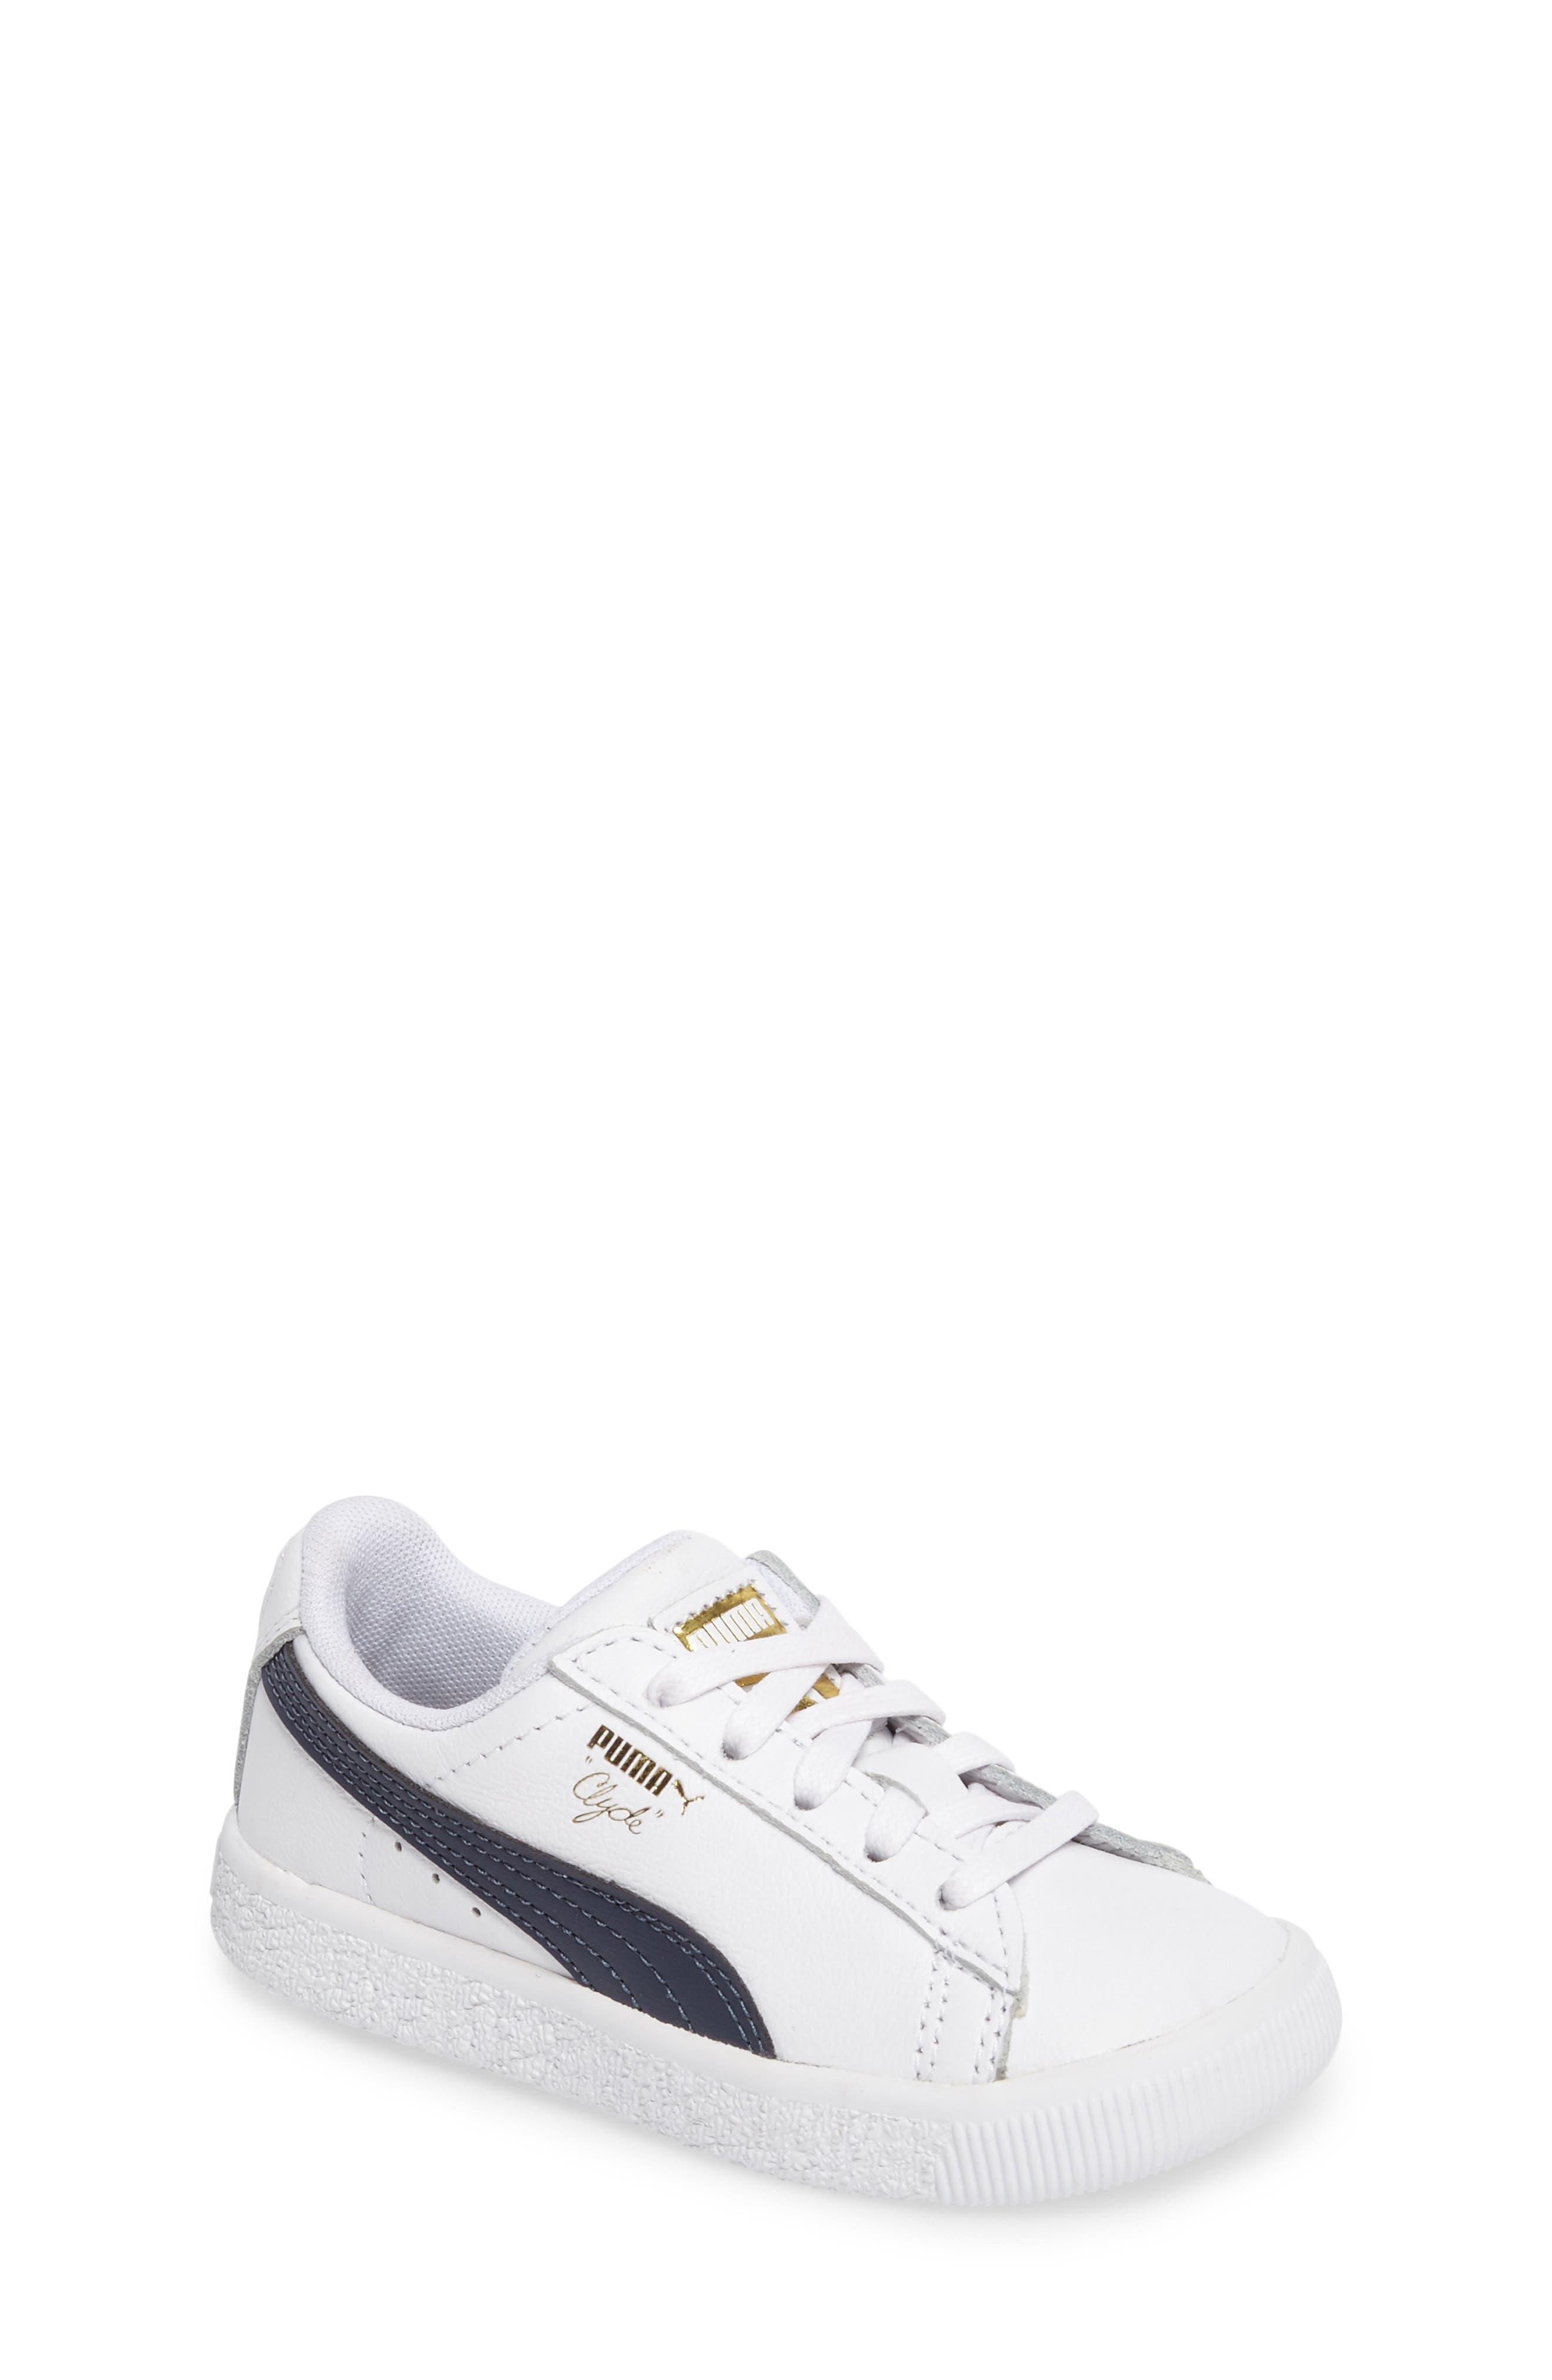 Clyde Core Foil Sneaker,                             Main thumbnail 4, color,